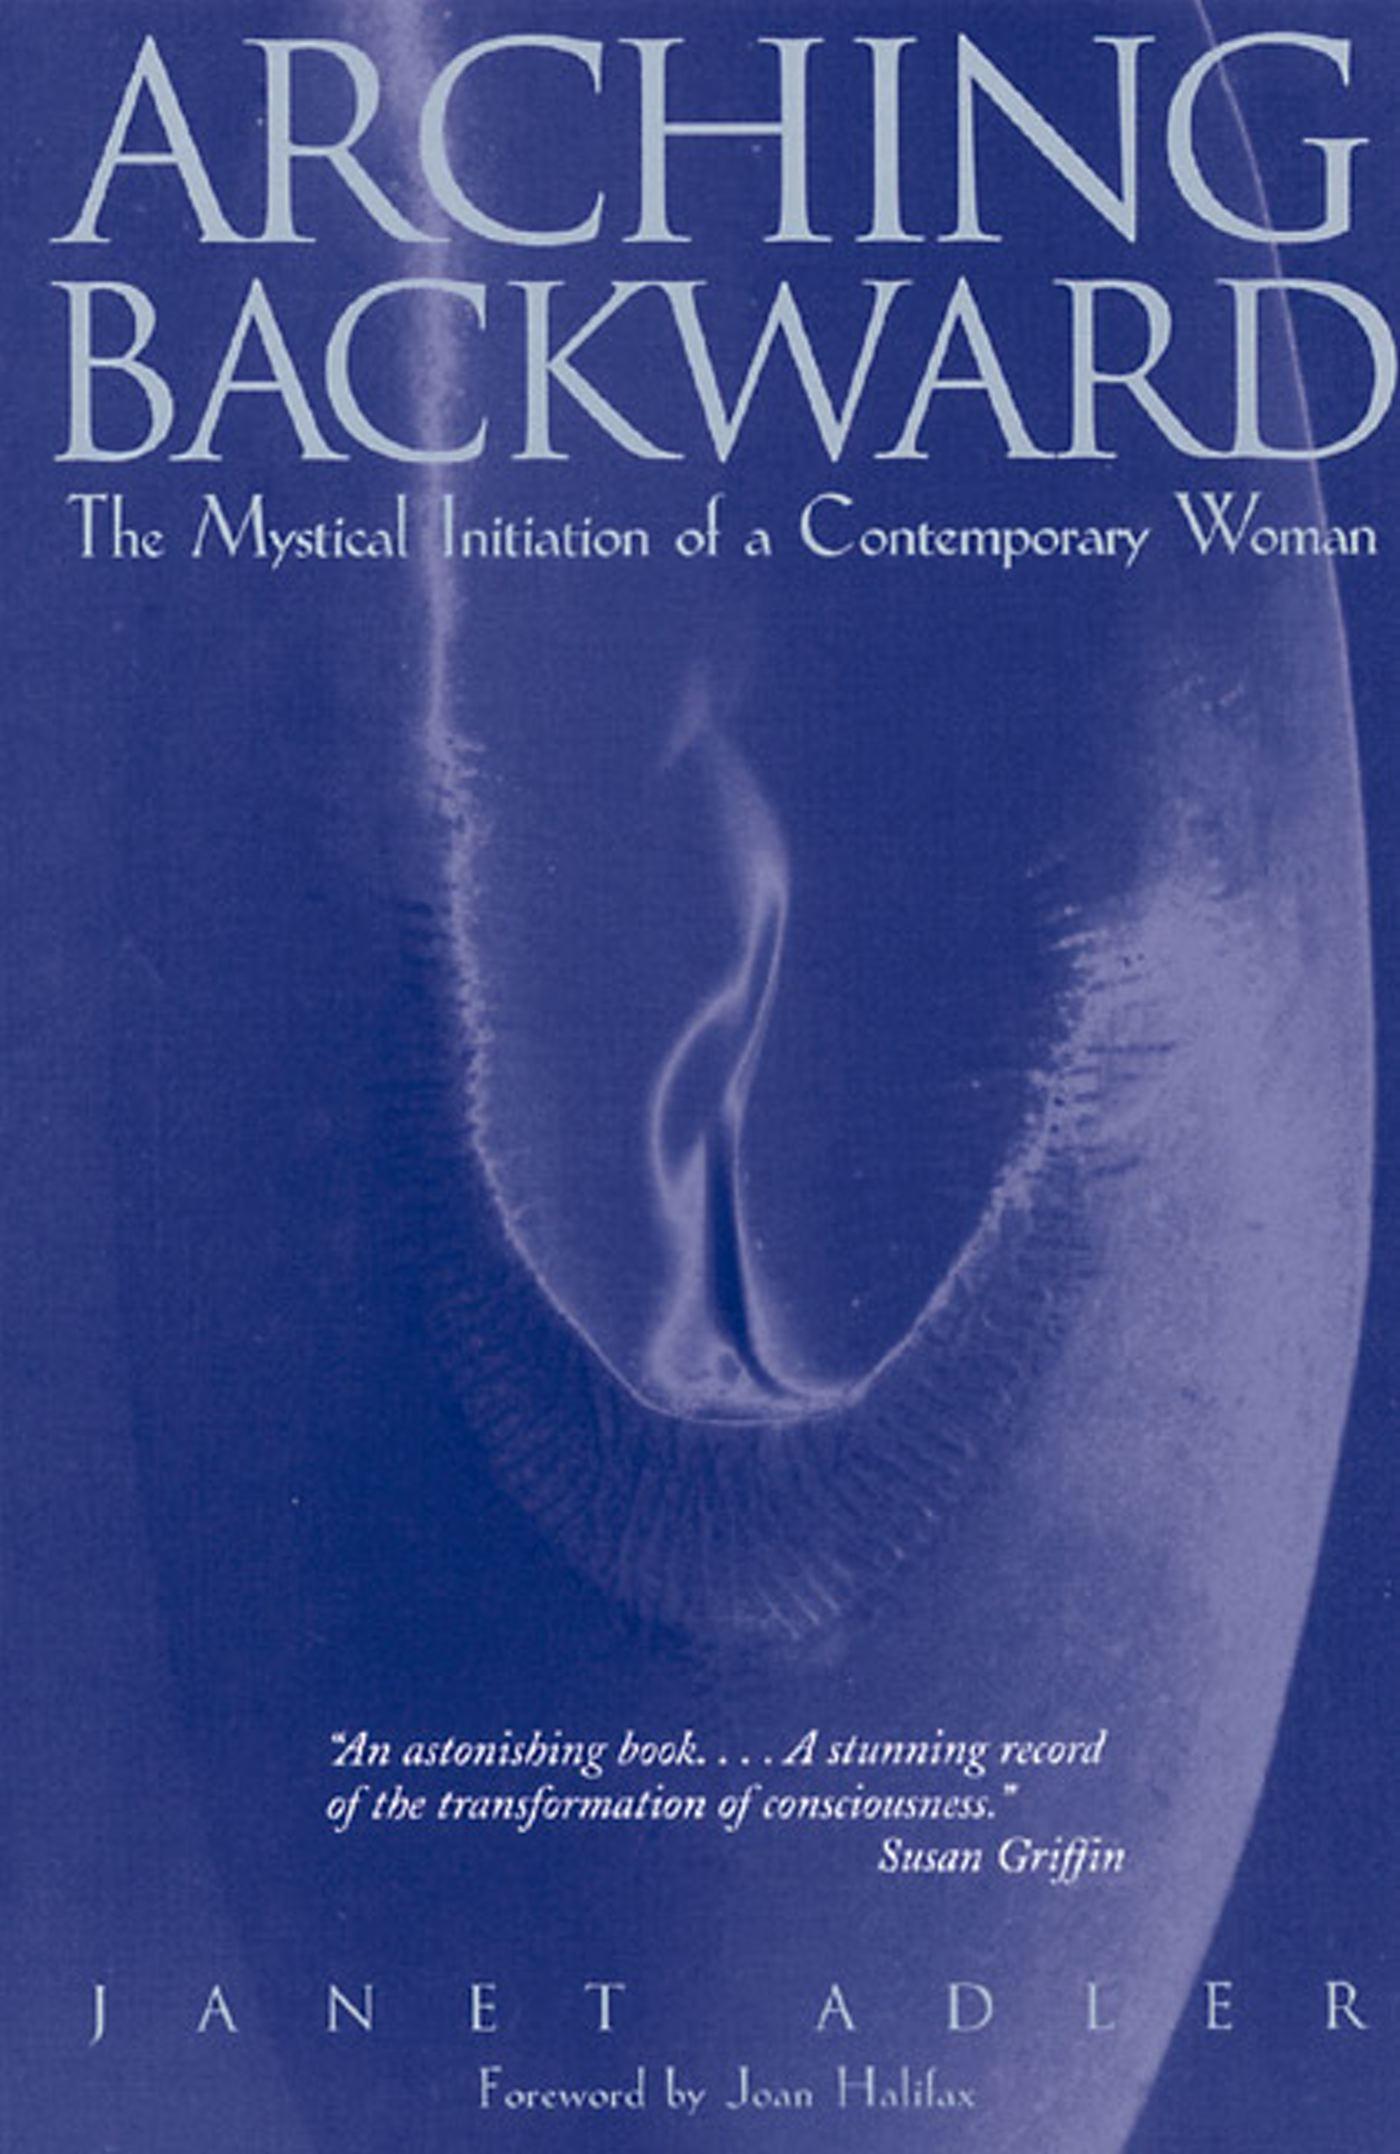 Arching backward 9780892815463 hr